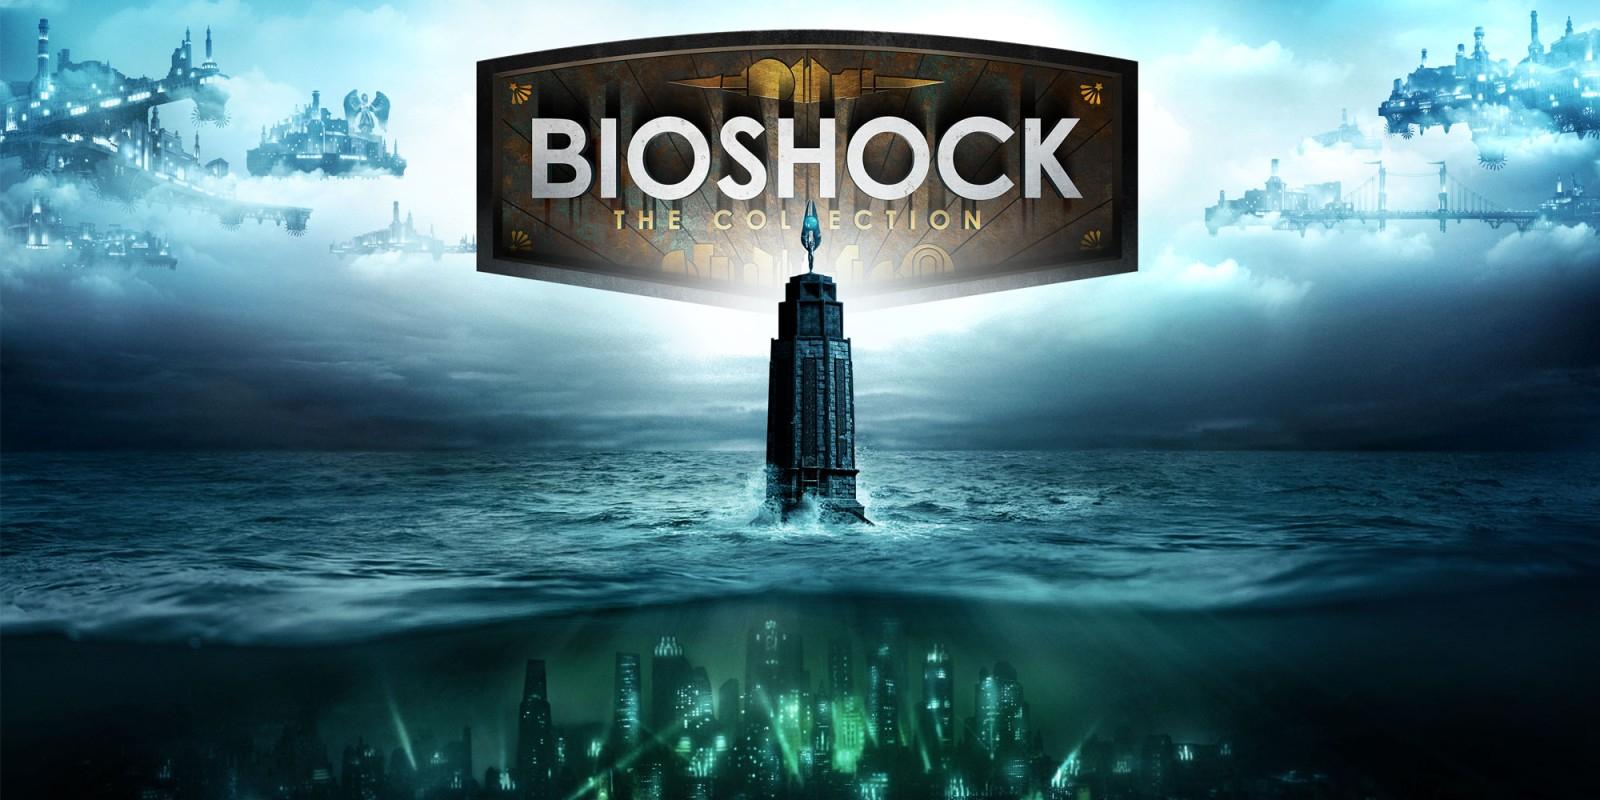 [RU] Nintendo eshop Sammeldeal u.a. Bioshock (16,78€) Xcom 2 (13,41€) Trine collection 1-4 (9,74€) Spiritfarer 4,32€) Mario+Rabbids ( 9,11€)